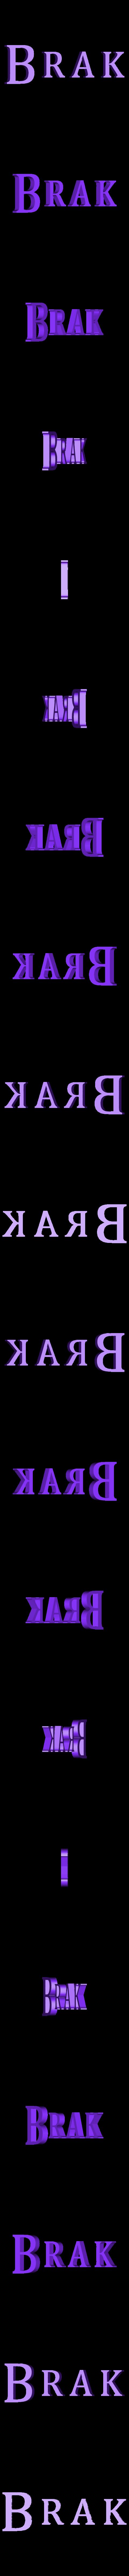 5d5cdc0a 7f74 4362 b82a cb55ecf93549